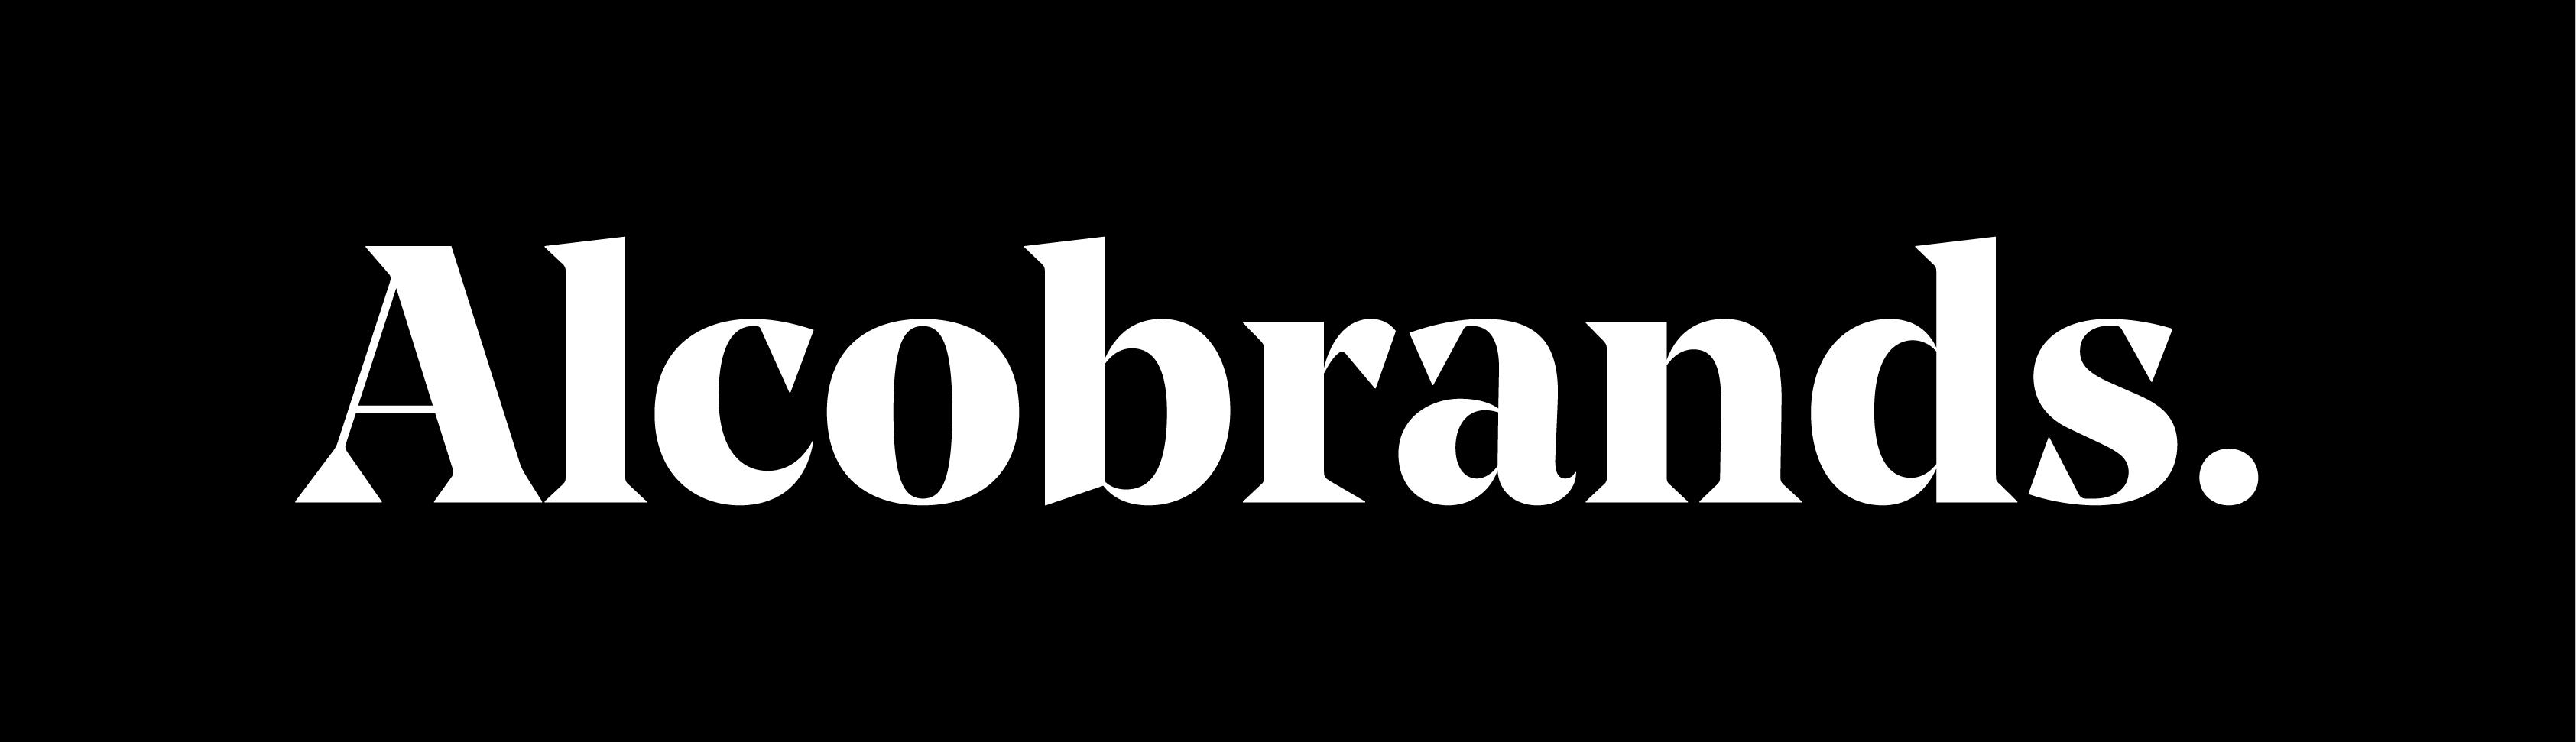 Alcobrands logo